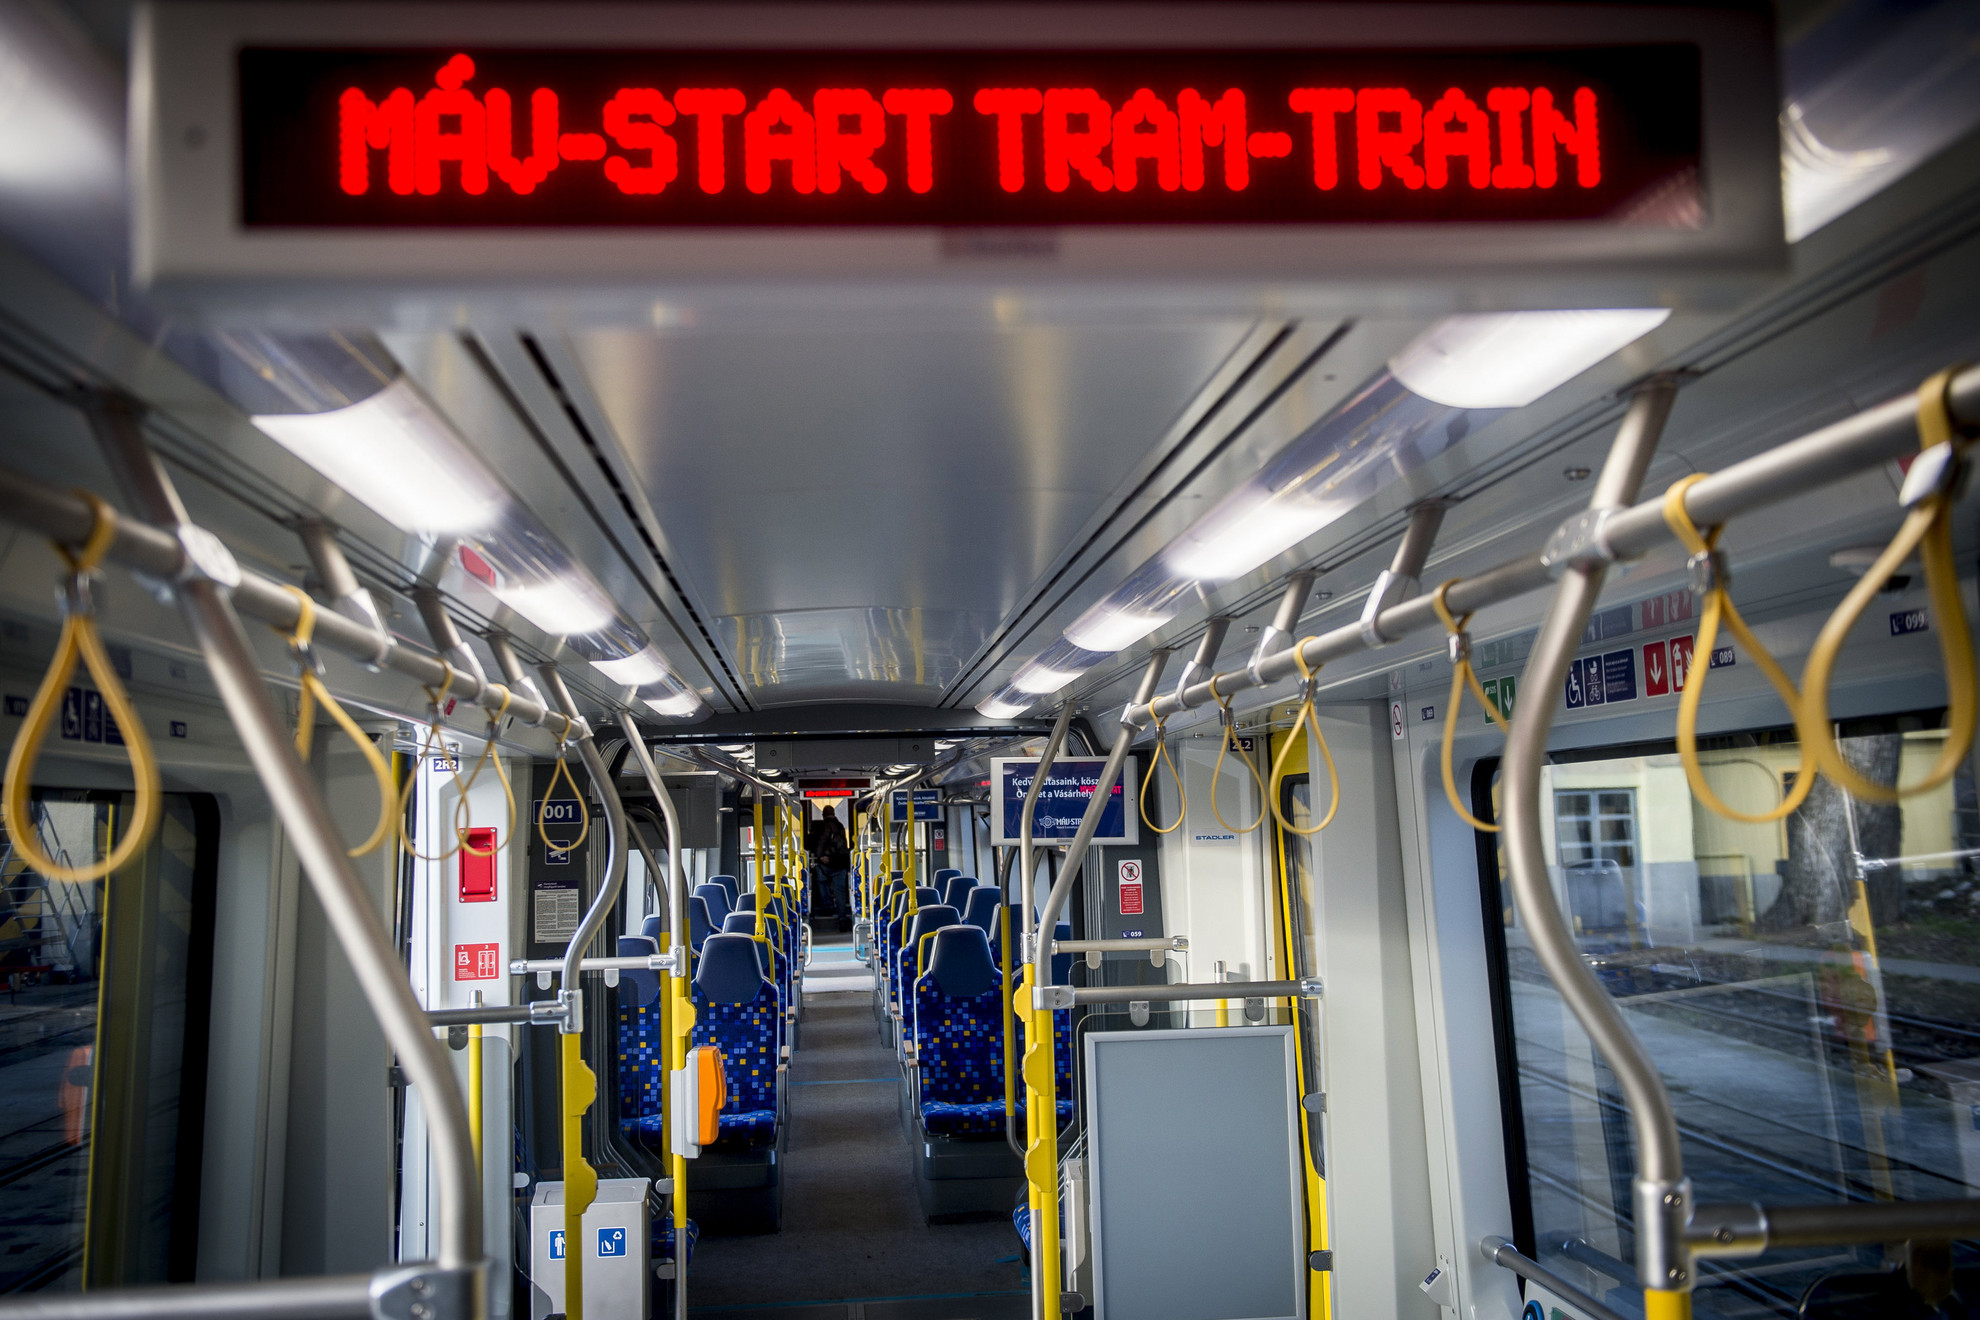 A vasút-villamos ősztől alig több mint 30 perces, olcsó, környezetbarát közlekedési kapcsolatot teremt Hódmezővásárhely és Szeged központja között